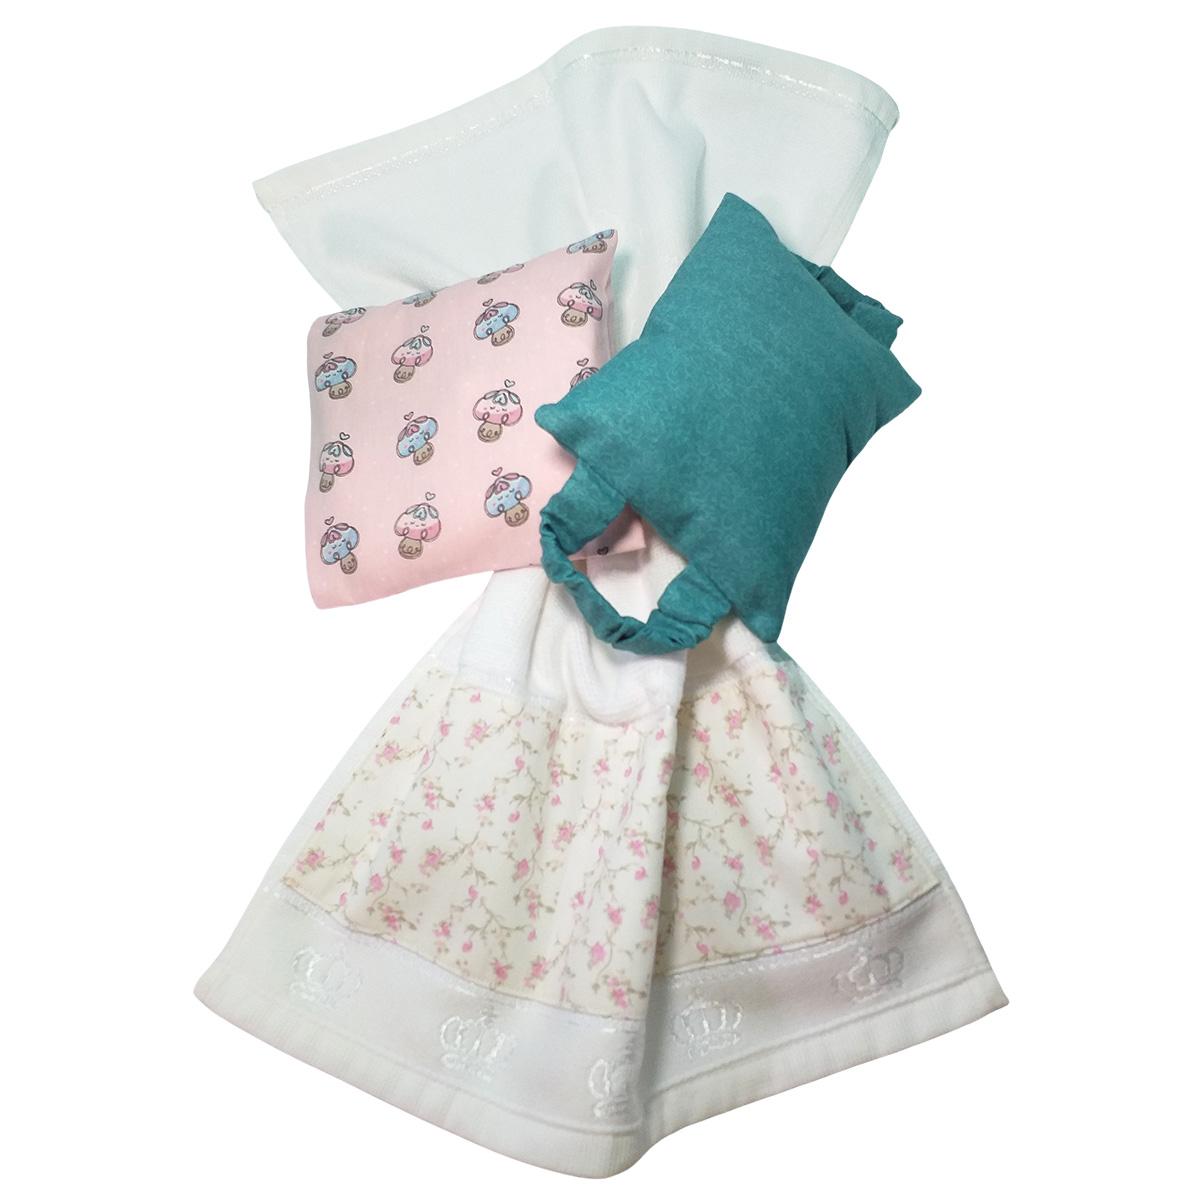 Kit Bebê 3 Peças Estampa Cogumelo e Flores   Bolsa Térmica Cólicas, Toalha de Boca e Protetor de Porta